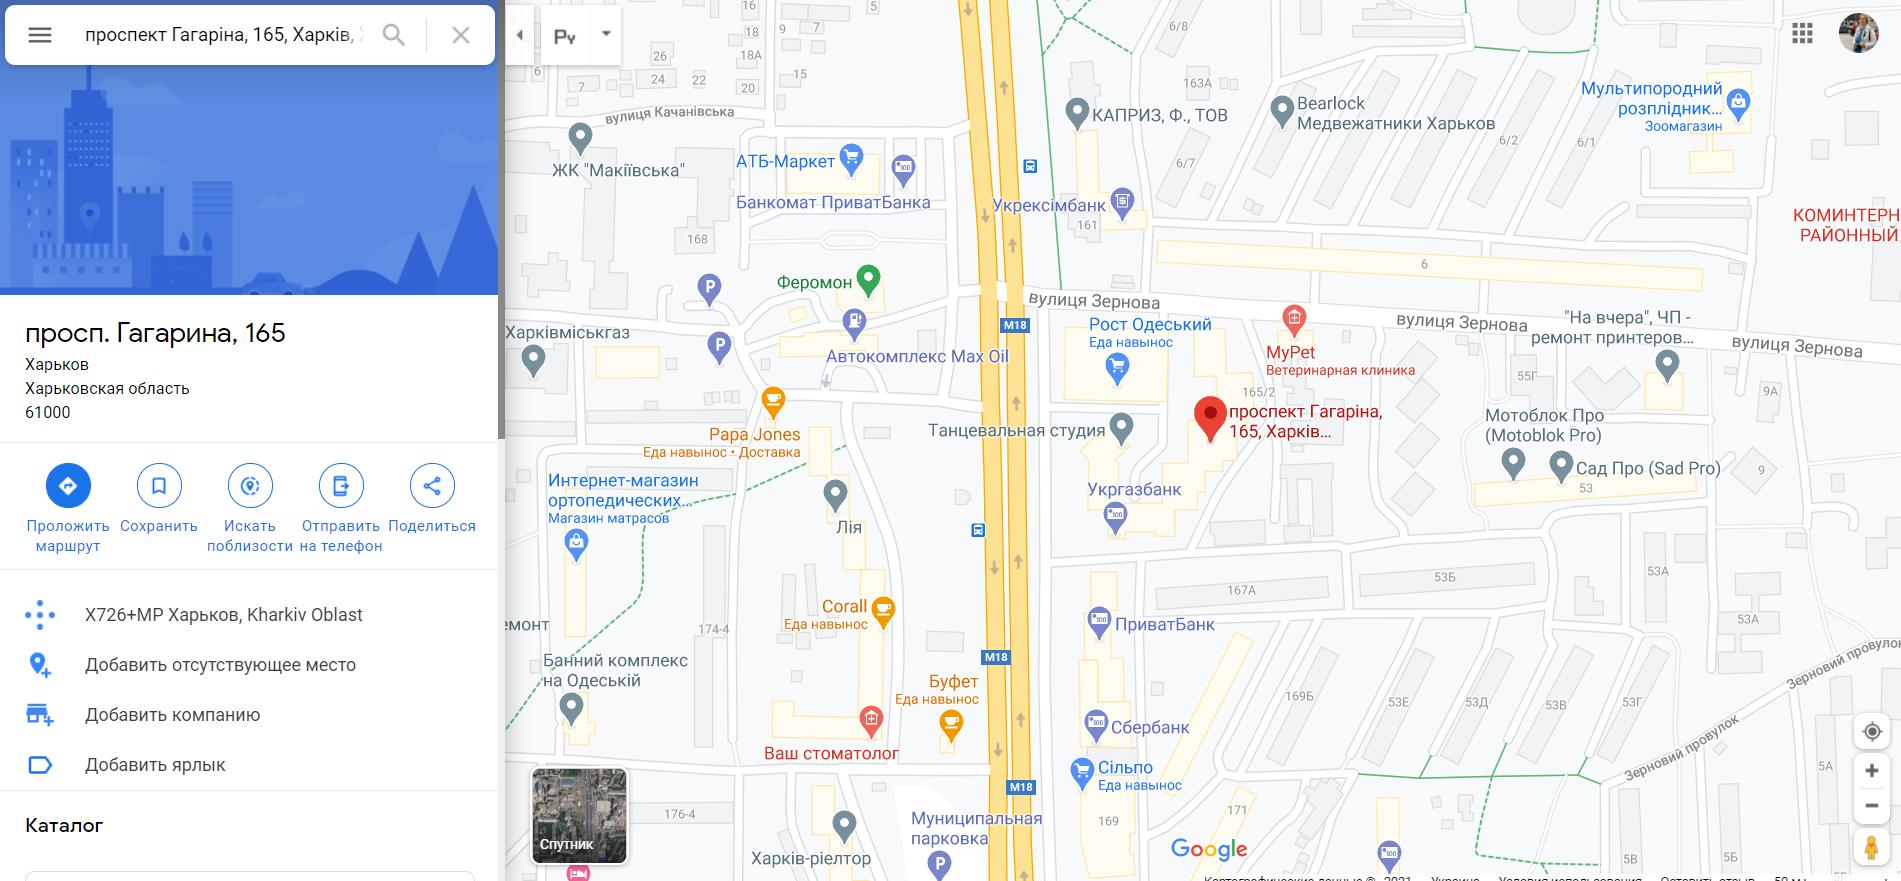 Місце пожежі на мапі Харкова